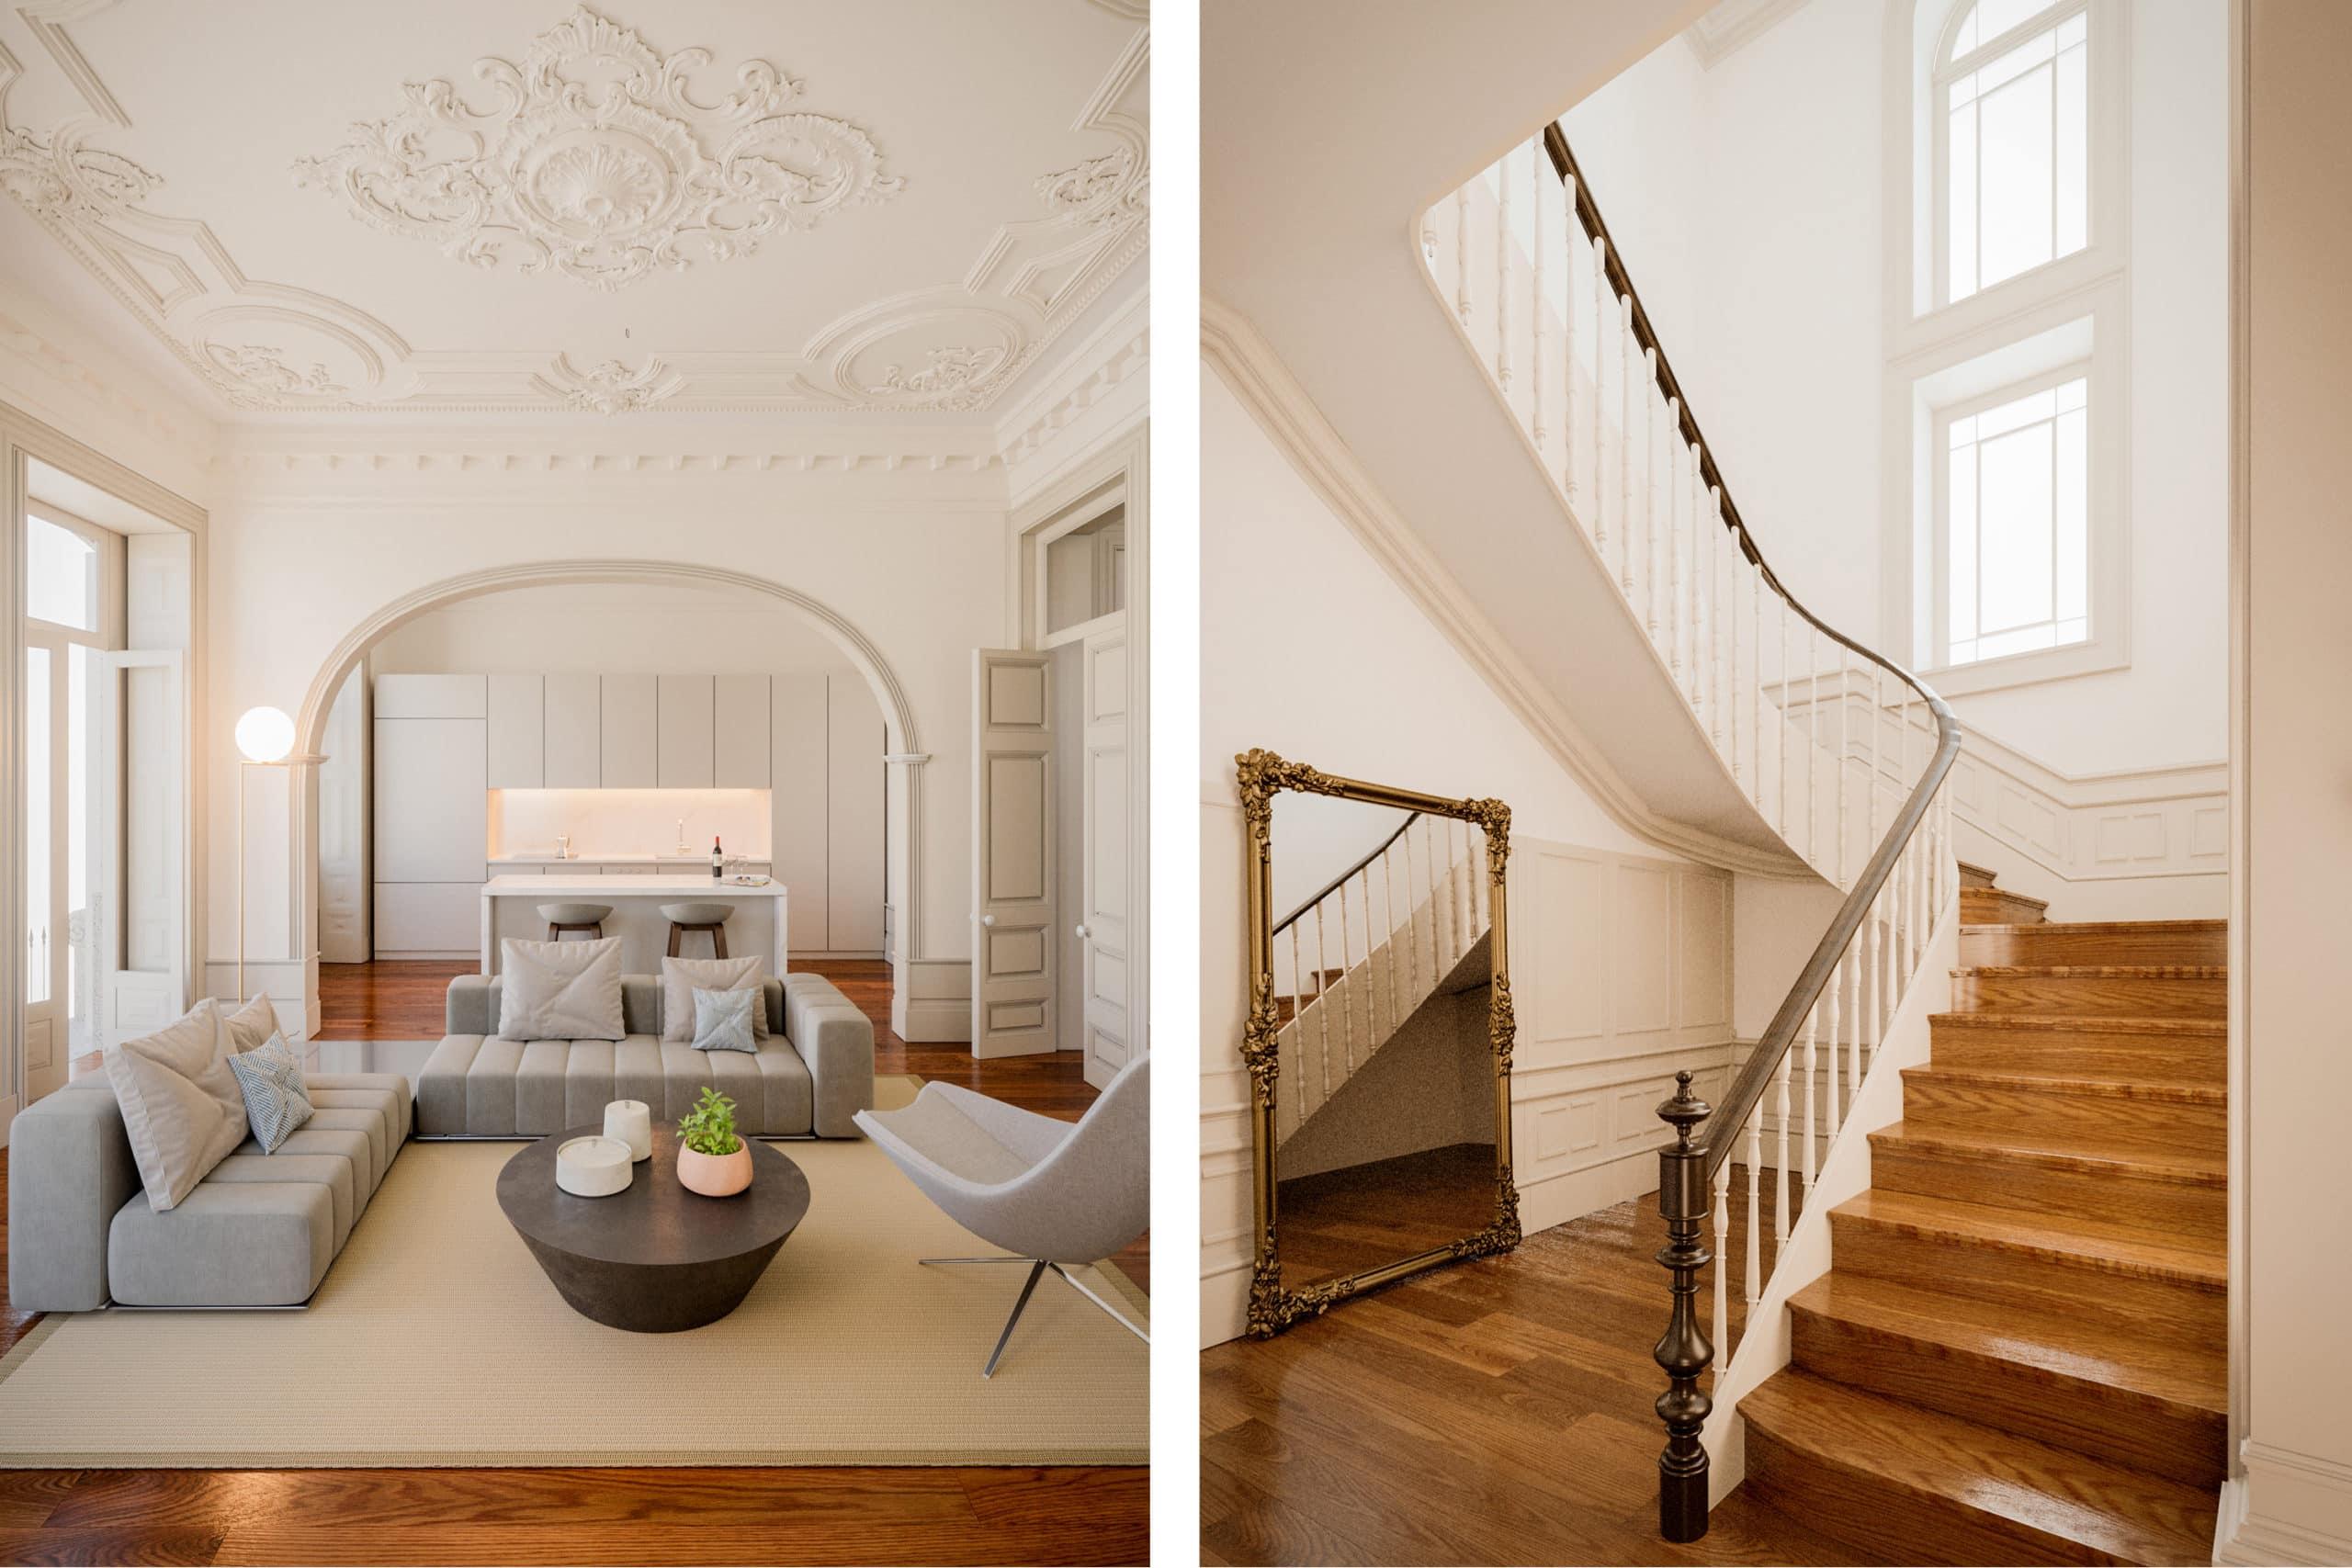 NunoValentim_MonteLuz_3D_Salai2-escadas